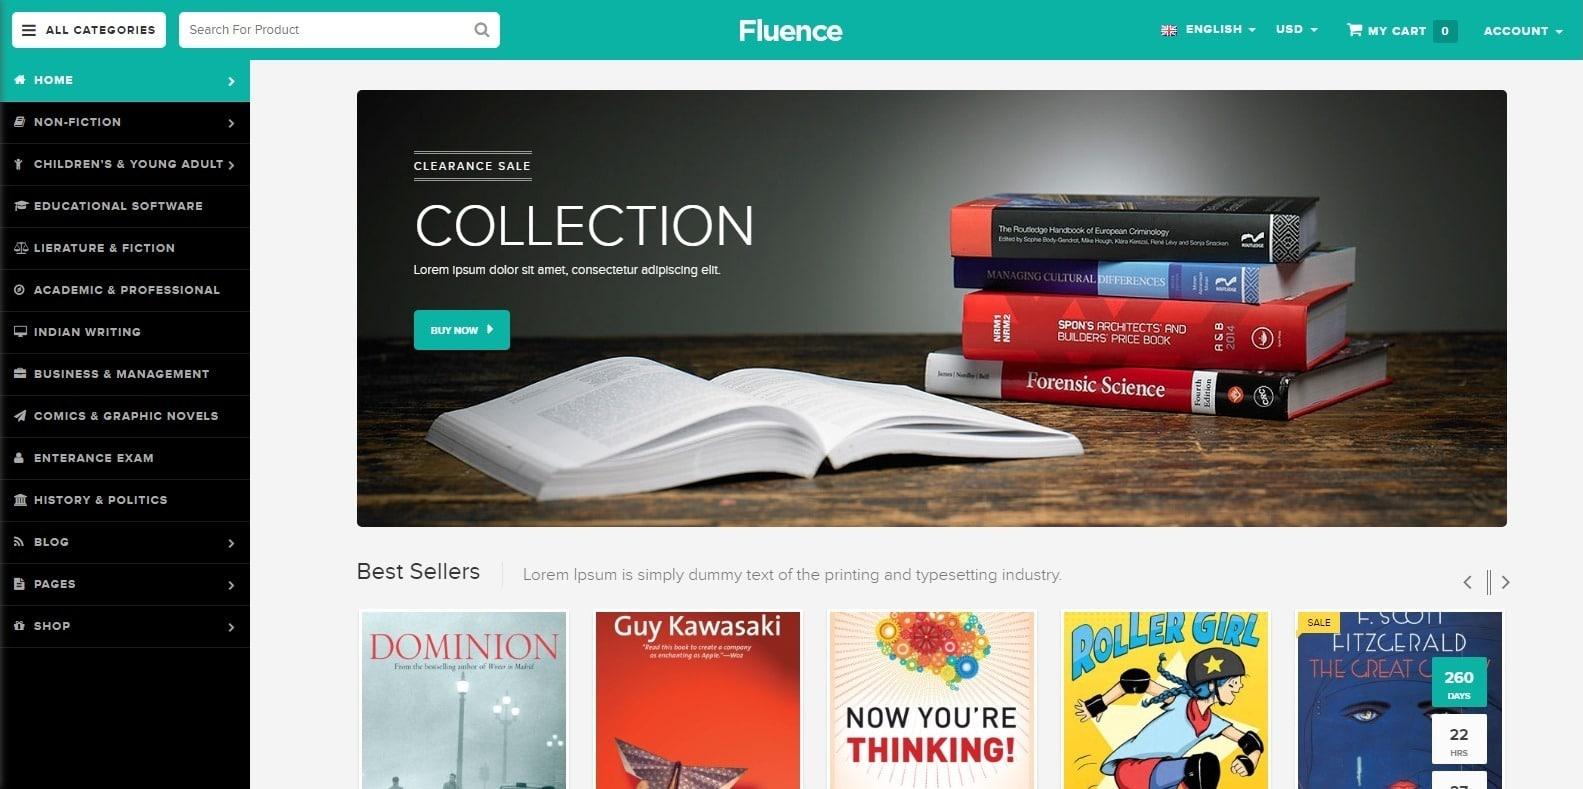 fluence-html-bookstore-website-template